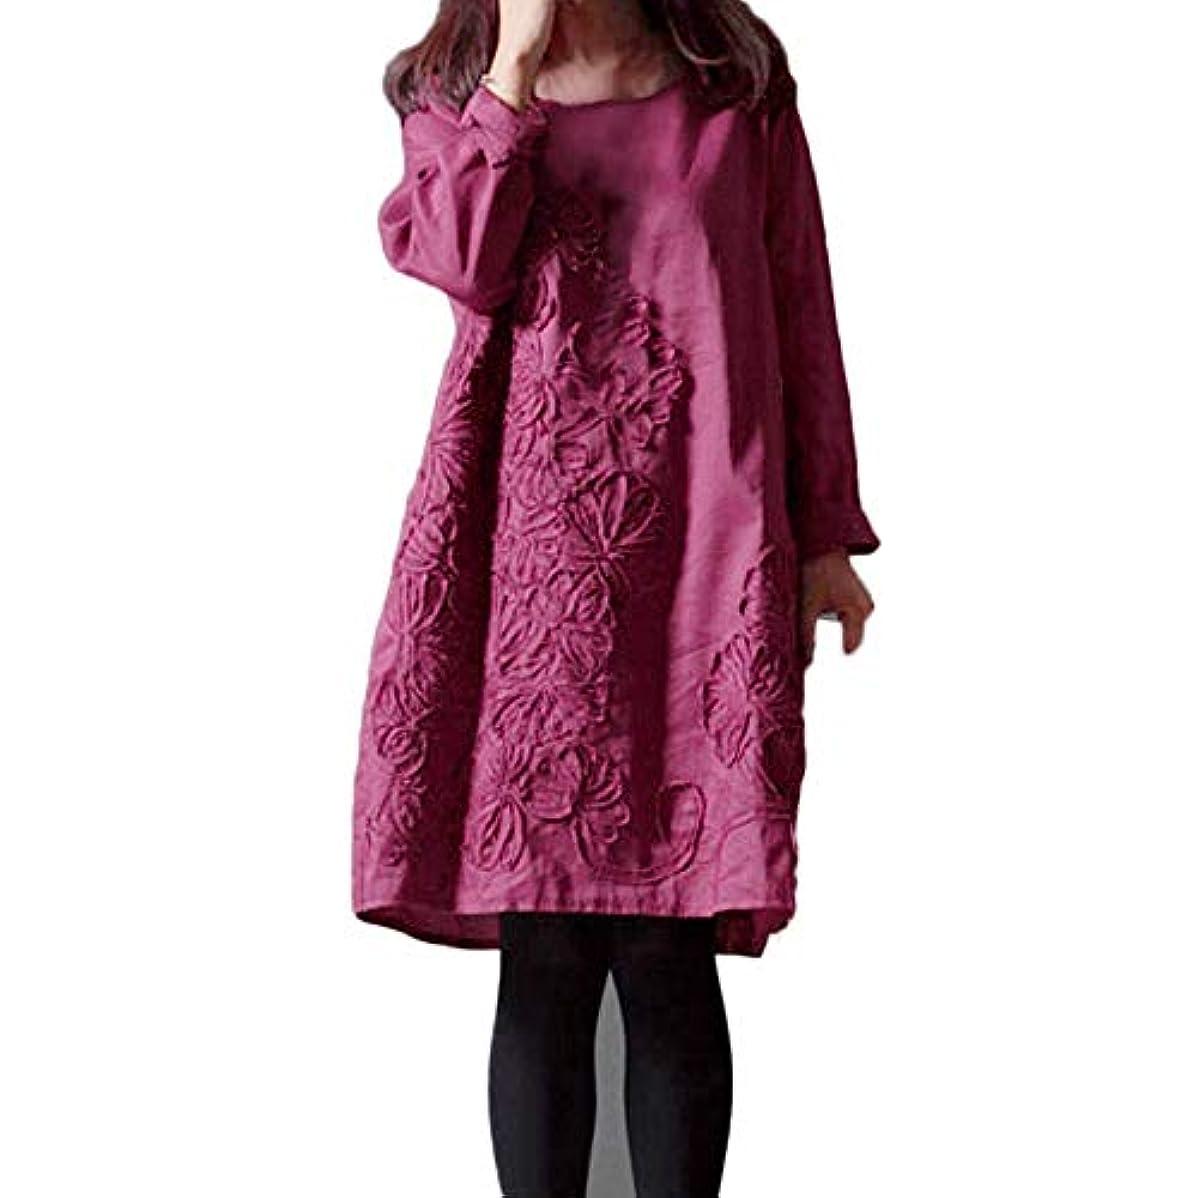 ベル有限農奴女性ドレス 棉麻 YOKINO 花柄 刺繍 ゆったり 体型カバー 森ガール ゆったり 着痩せ レディース白ワンピース 大人 ワンピース 春 夏 秋 ワンピース 大きいサイズ ゆったり 着痩せ